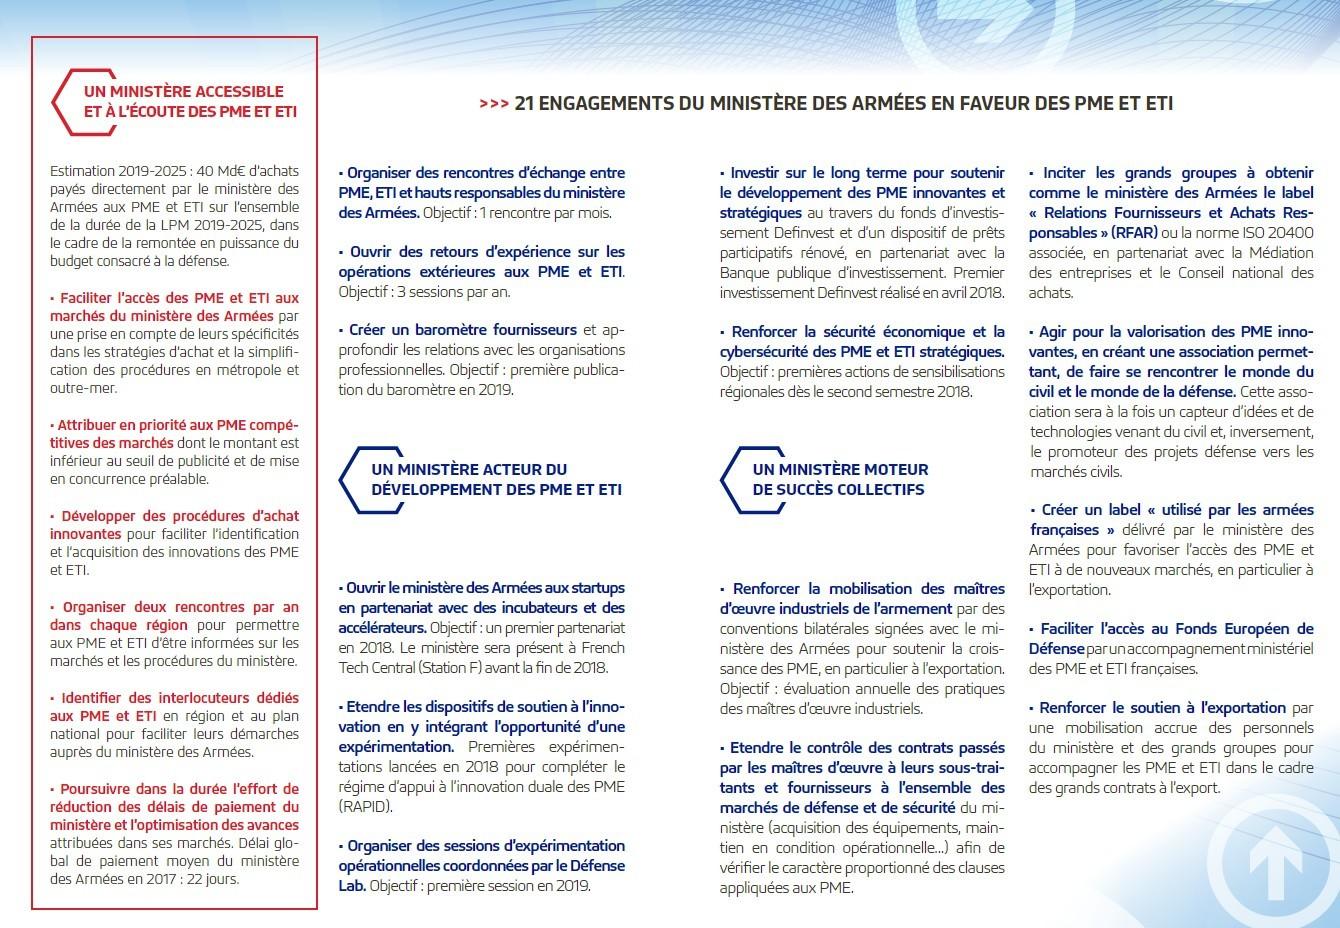 Les 21 engagements du Minarm en faveur des PME et ETI (Crédits : Ministère des Armées)